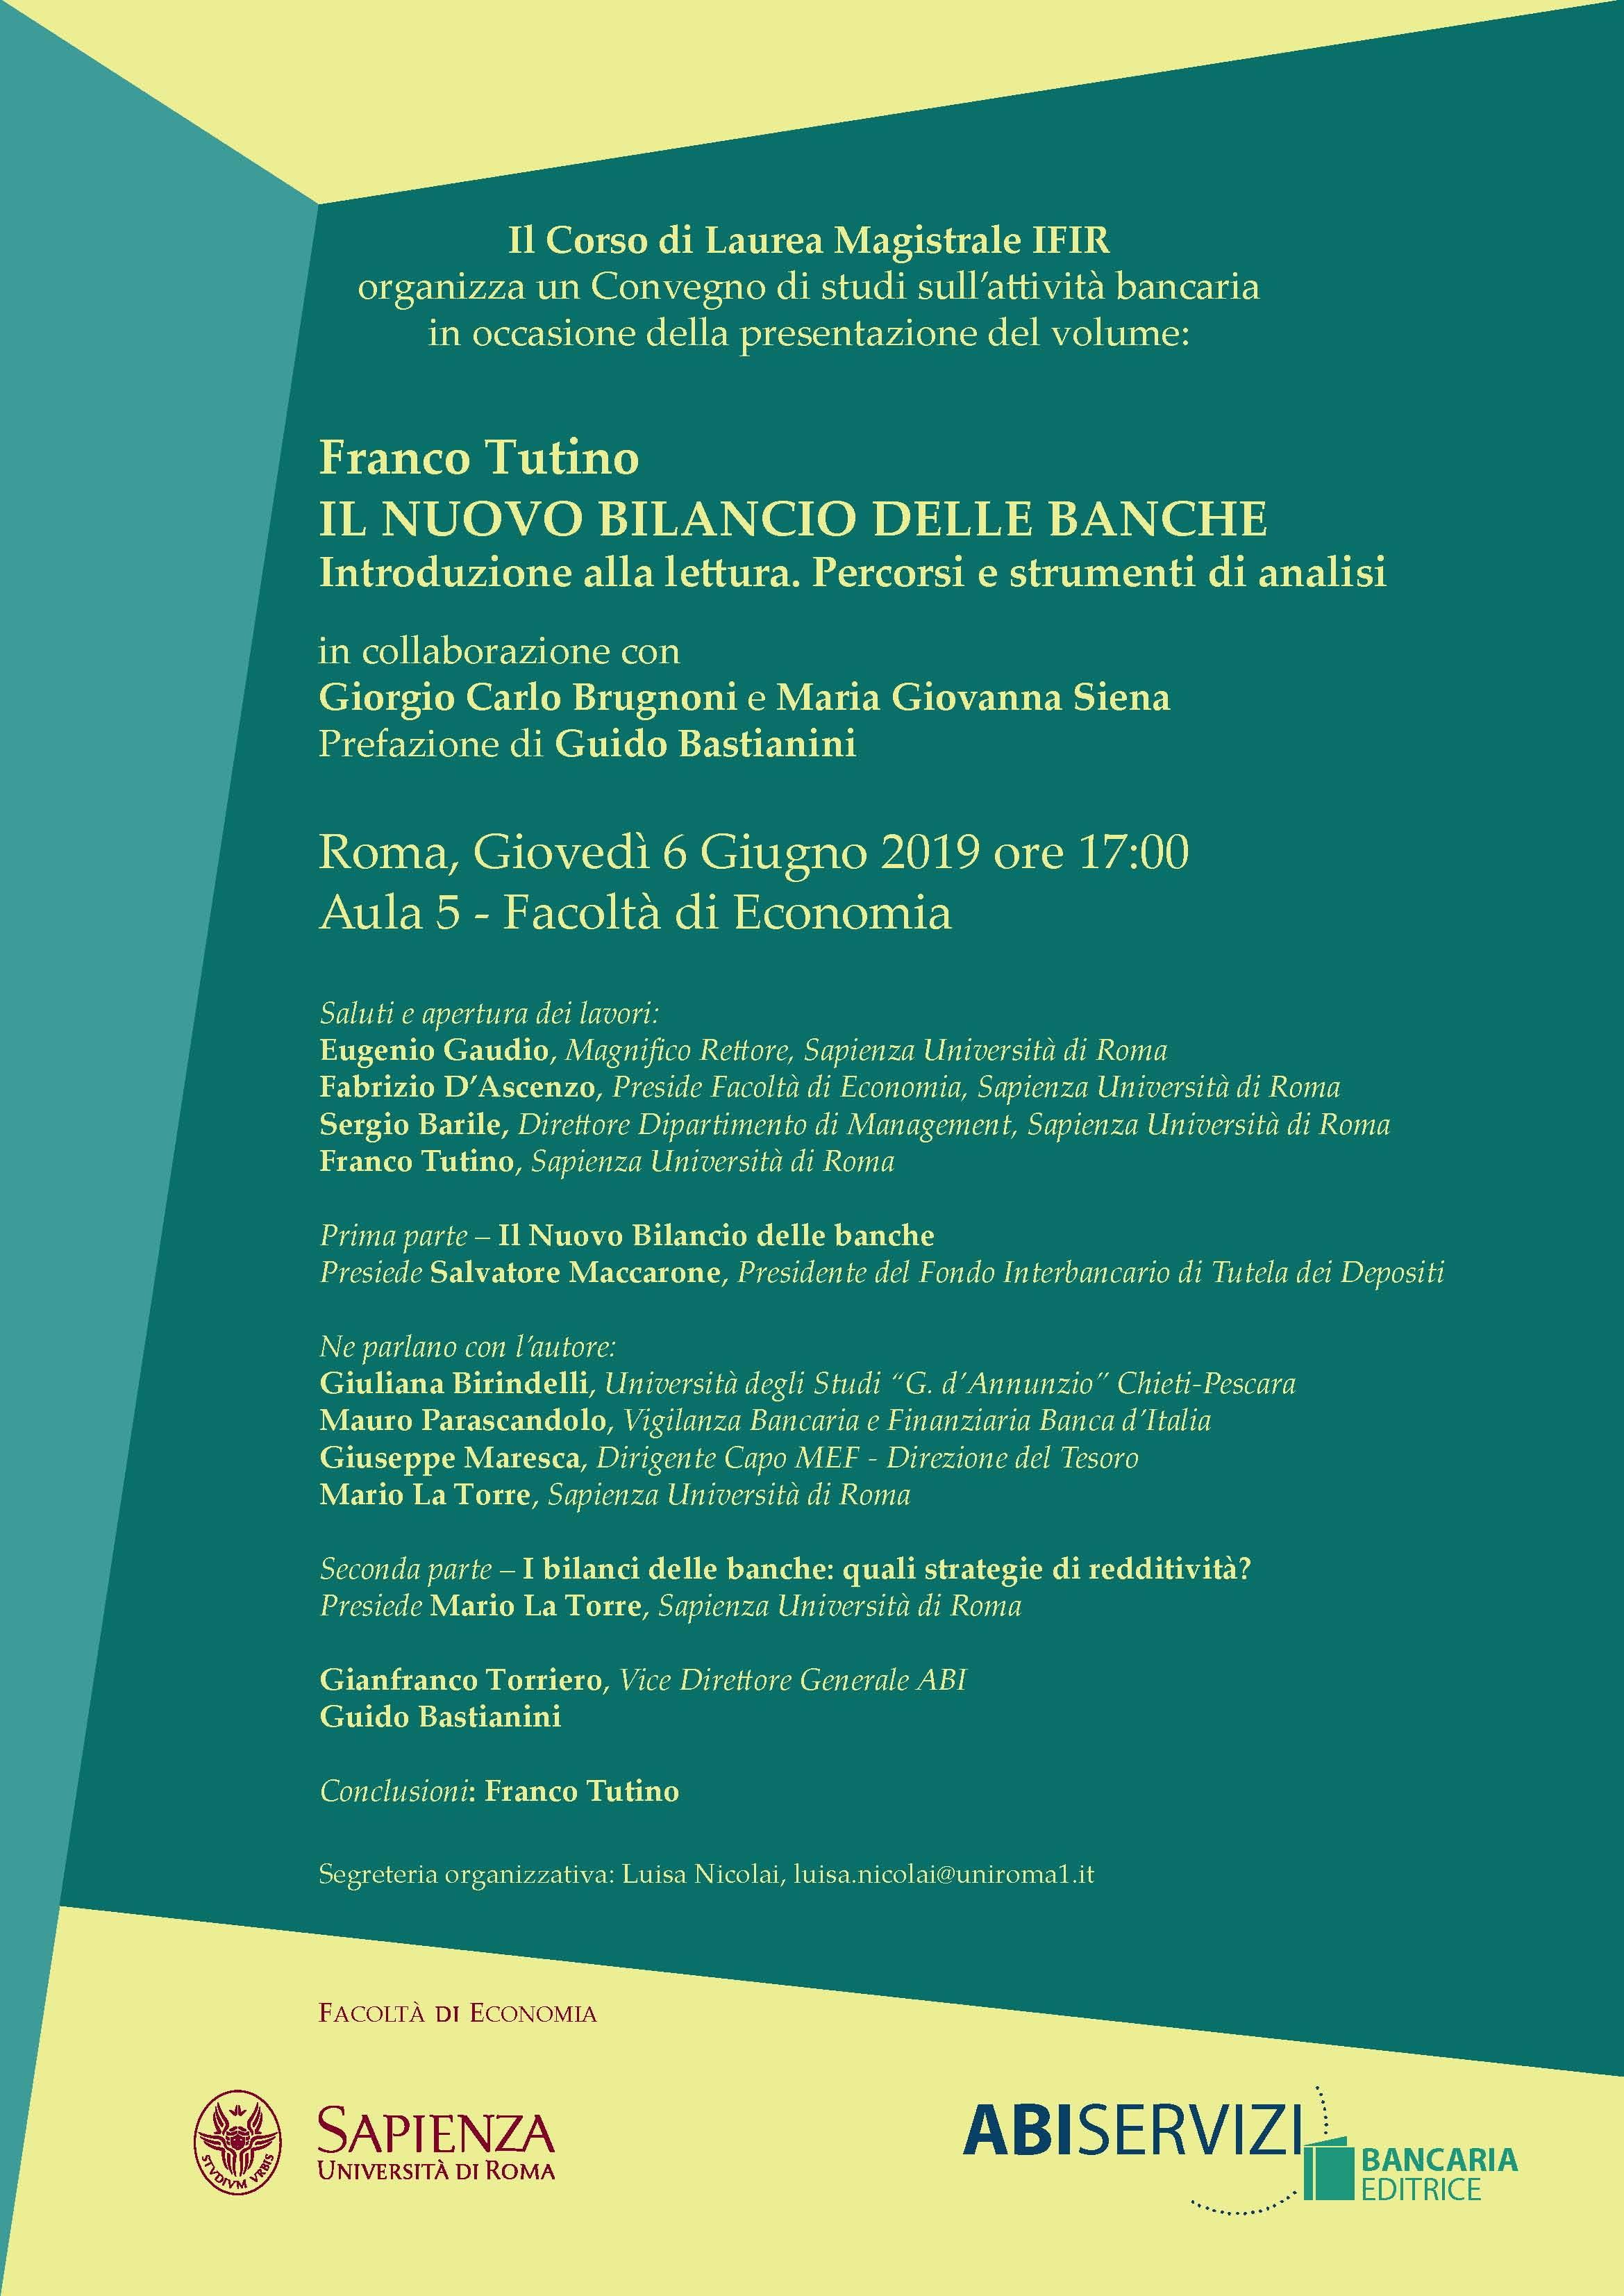 """000cdddd9e Nel corso dell'iniziativa, sarà presentata l'ultima opera di Franco Tutino  """"Il nuovo bilancio delle banche: introduzione alla lettura, percorsi e  strumenti ..."""